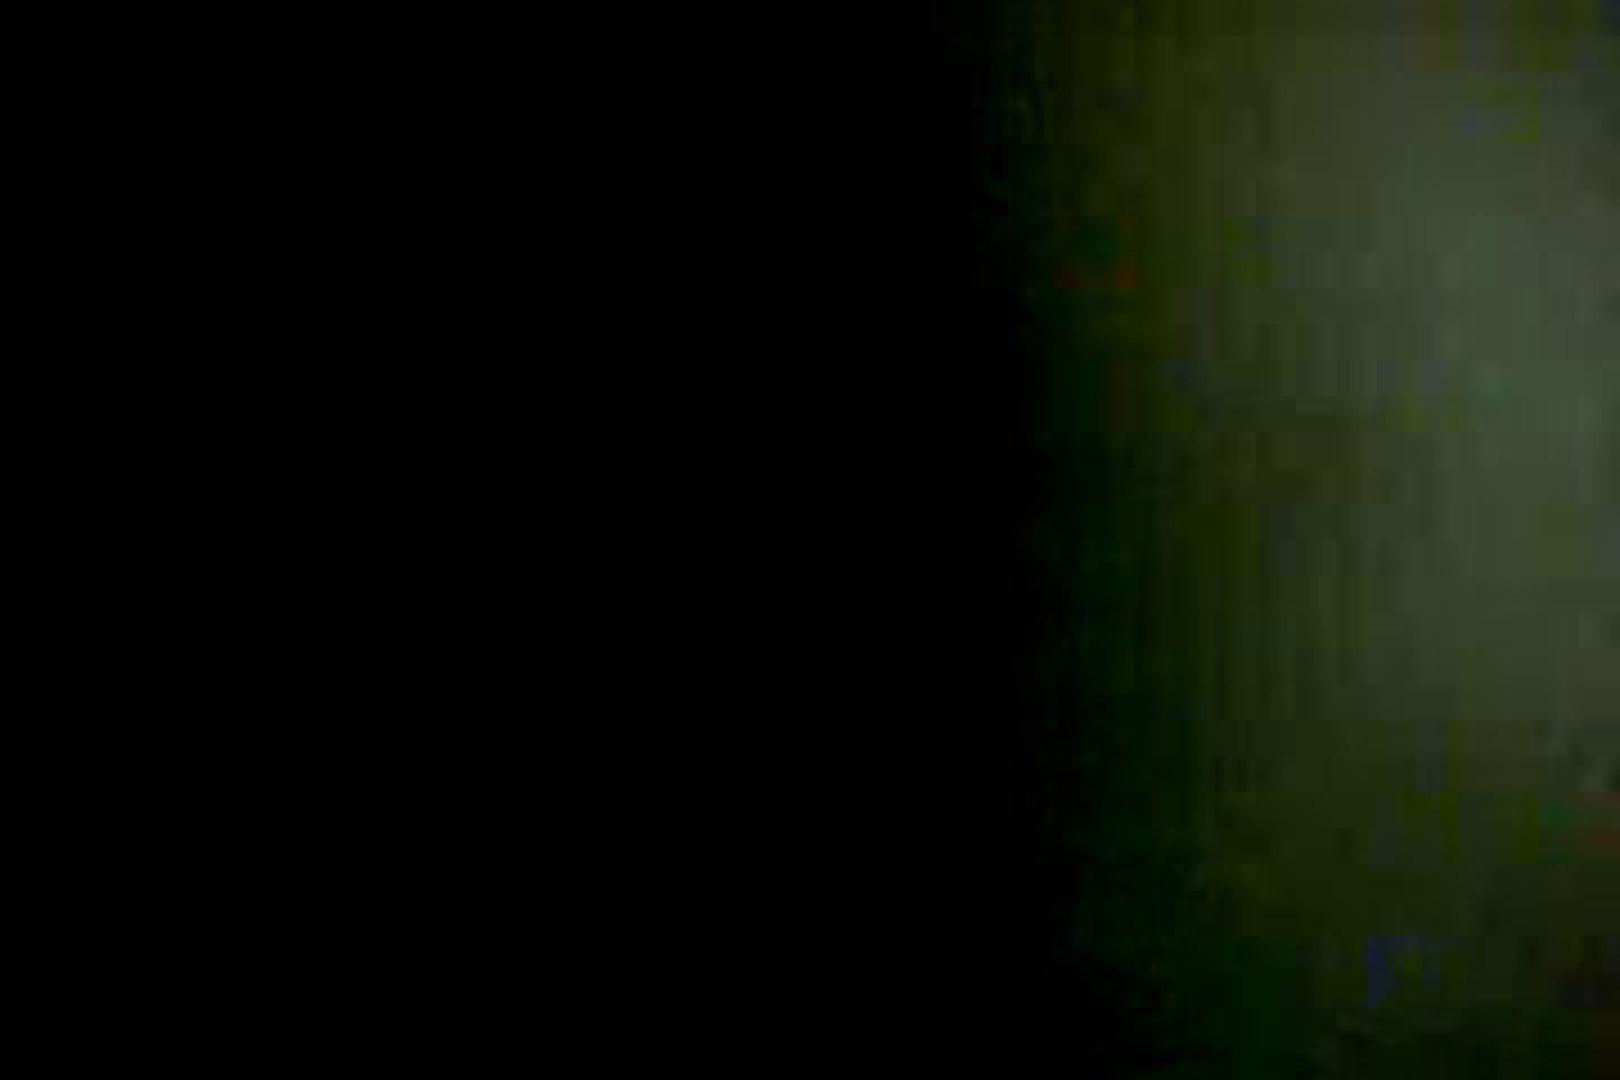 ファイル流出! ! 暗がりでの怪しいファック 素人盗撮 ゲイ丸見え画像 114枚 100